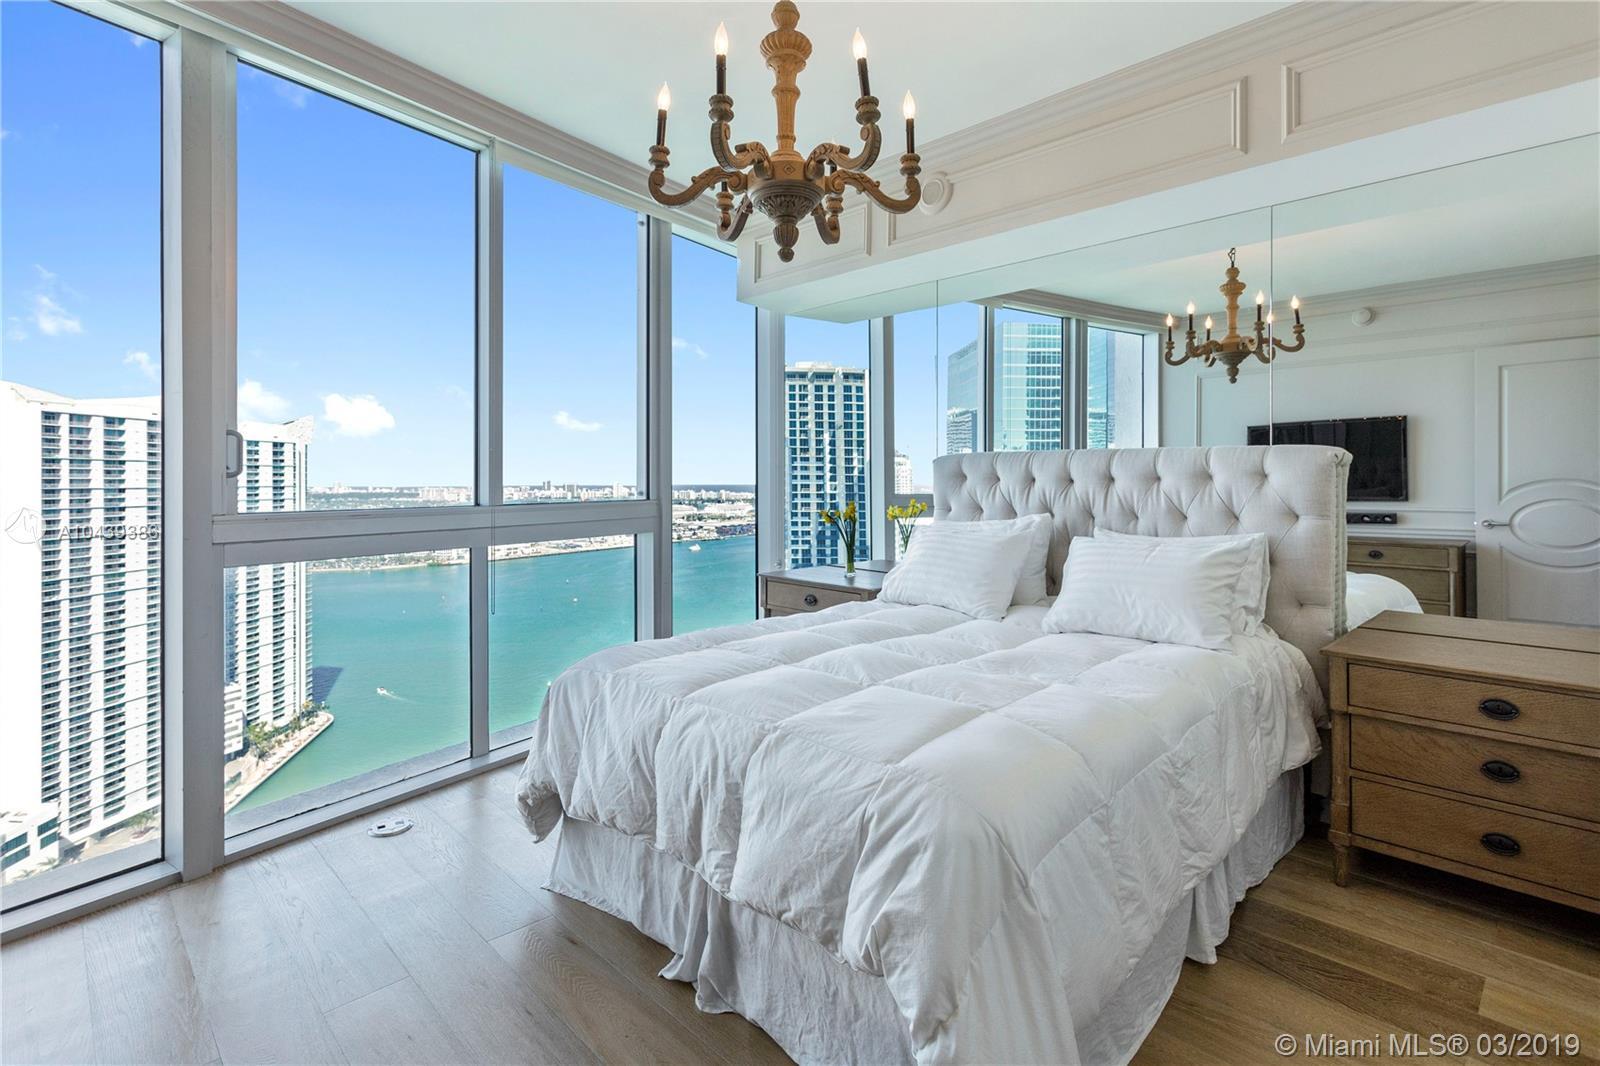 465 Brickell Ave, Miami, FL 33131, Icon Brickell I #3501, Brickell, Miami A10439386 image #14